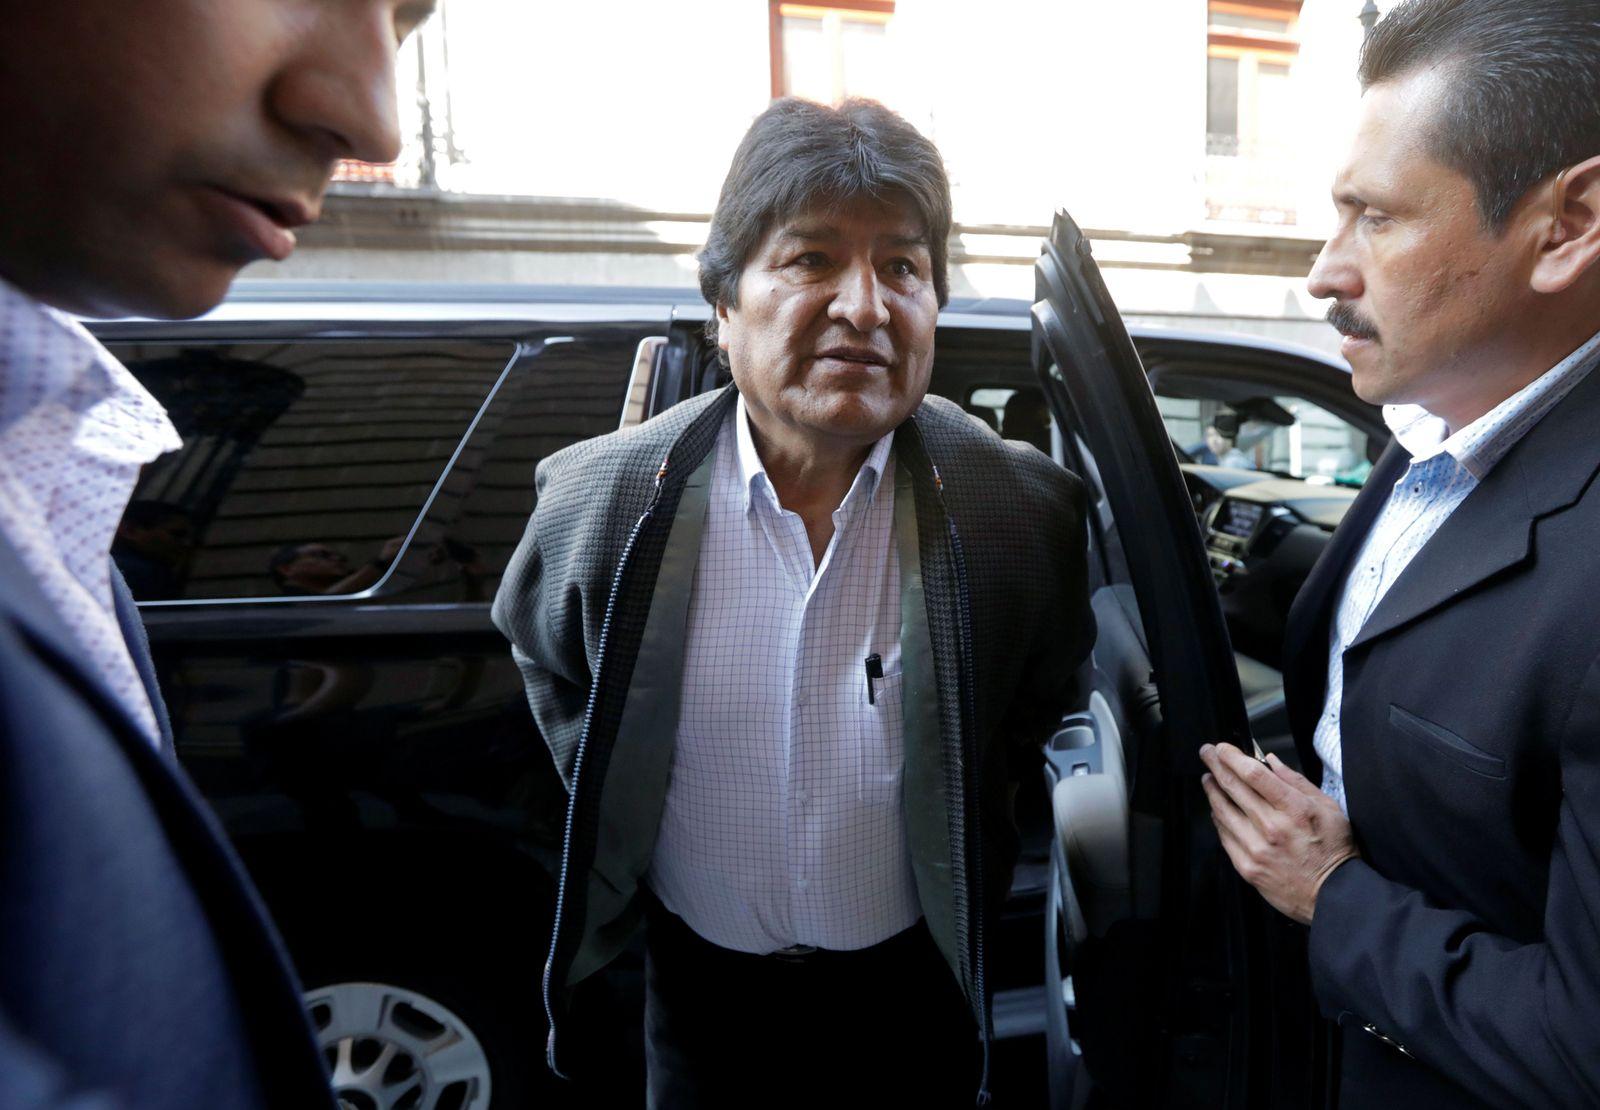 Evo Morales/ 2019